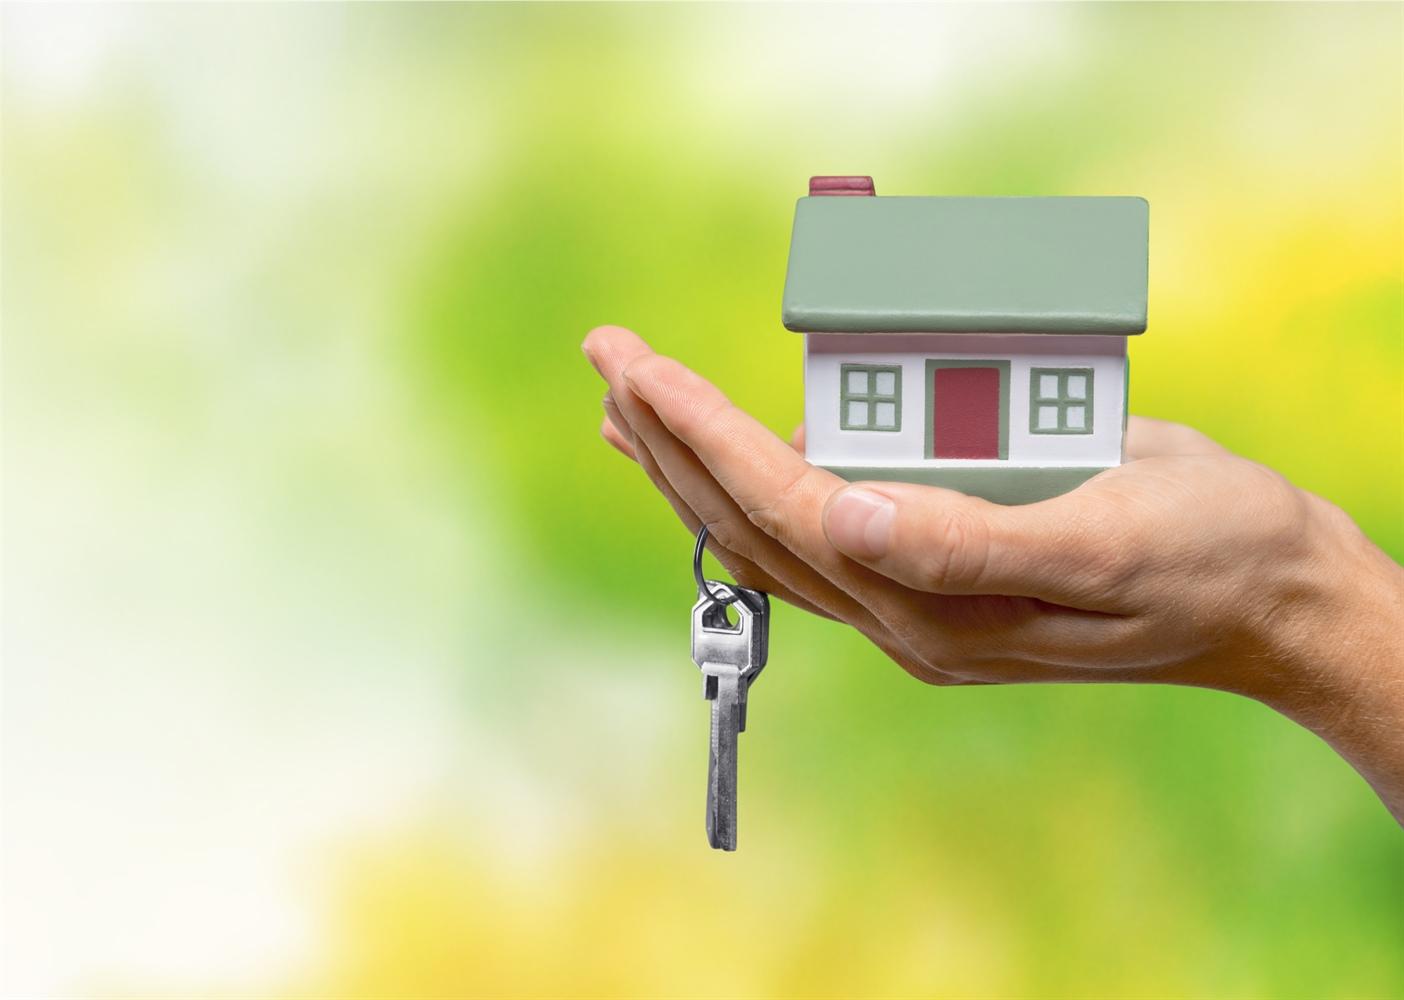 Haus verkaufen und kaufen im Grünen mit Schlüssel und Haus auf der Hand